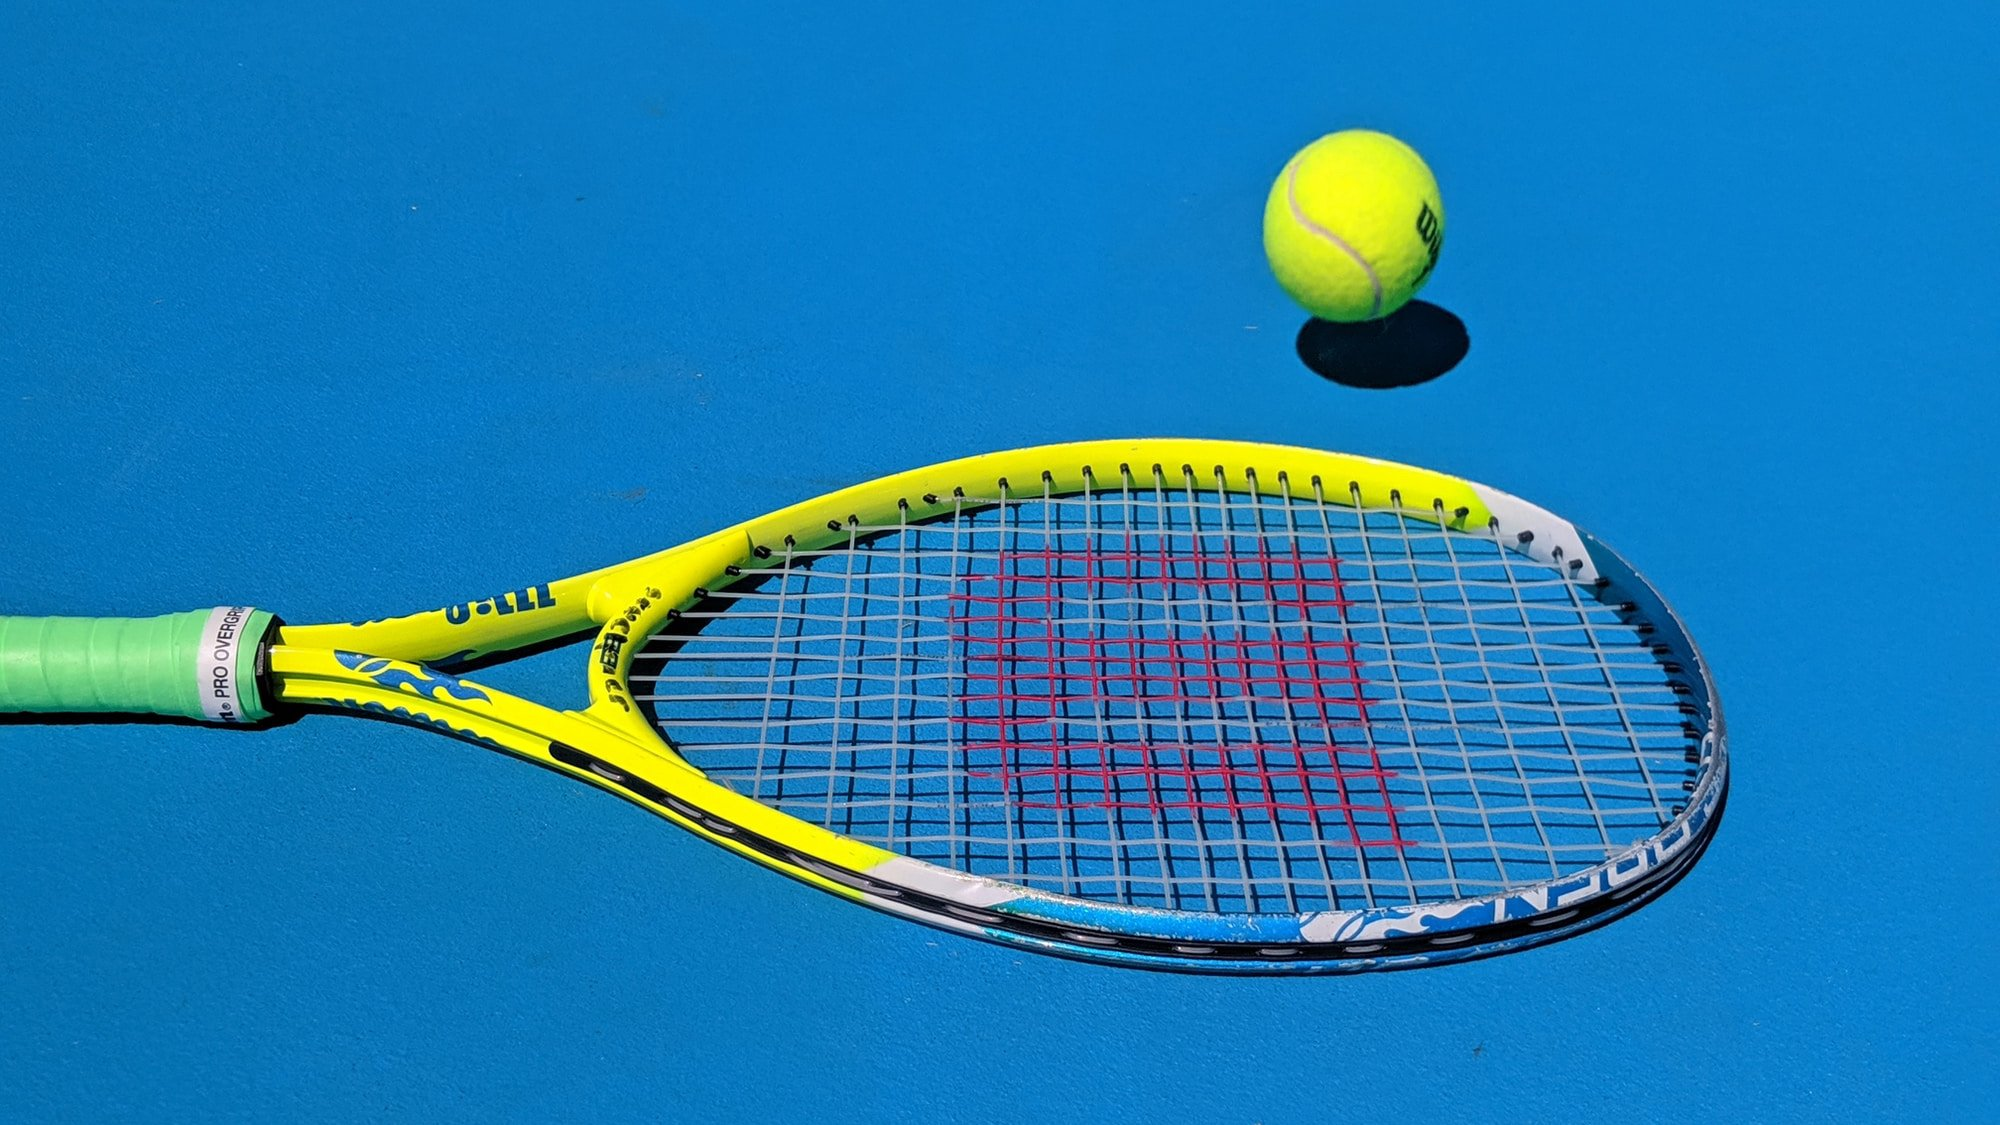 Australian Open Men's Odds Favor Djokovic Over Medvedev in 2022